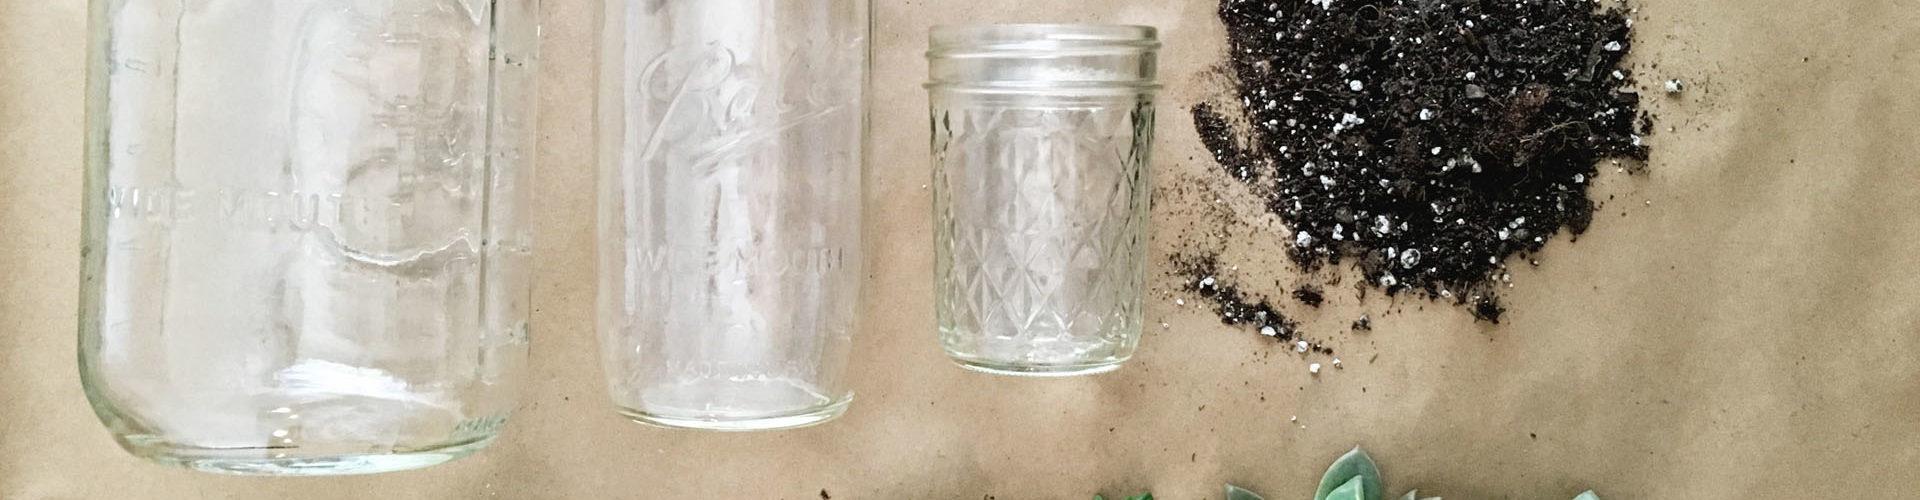 How to Make a Mason Jar Succulent Planter